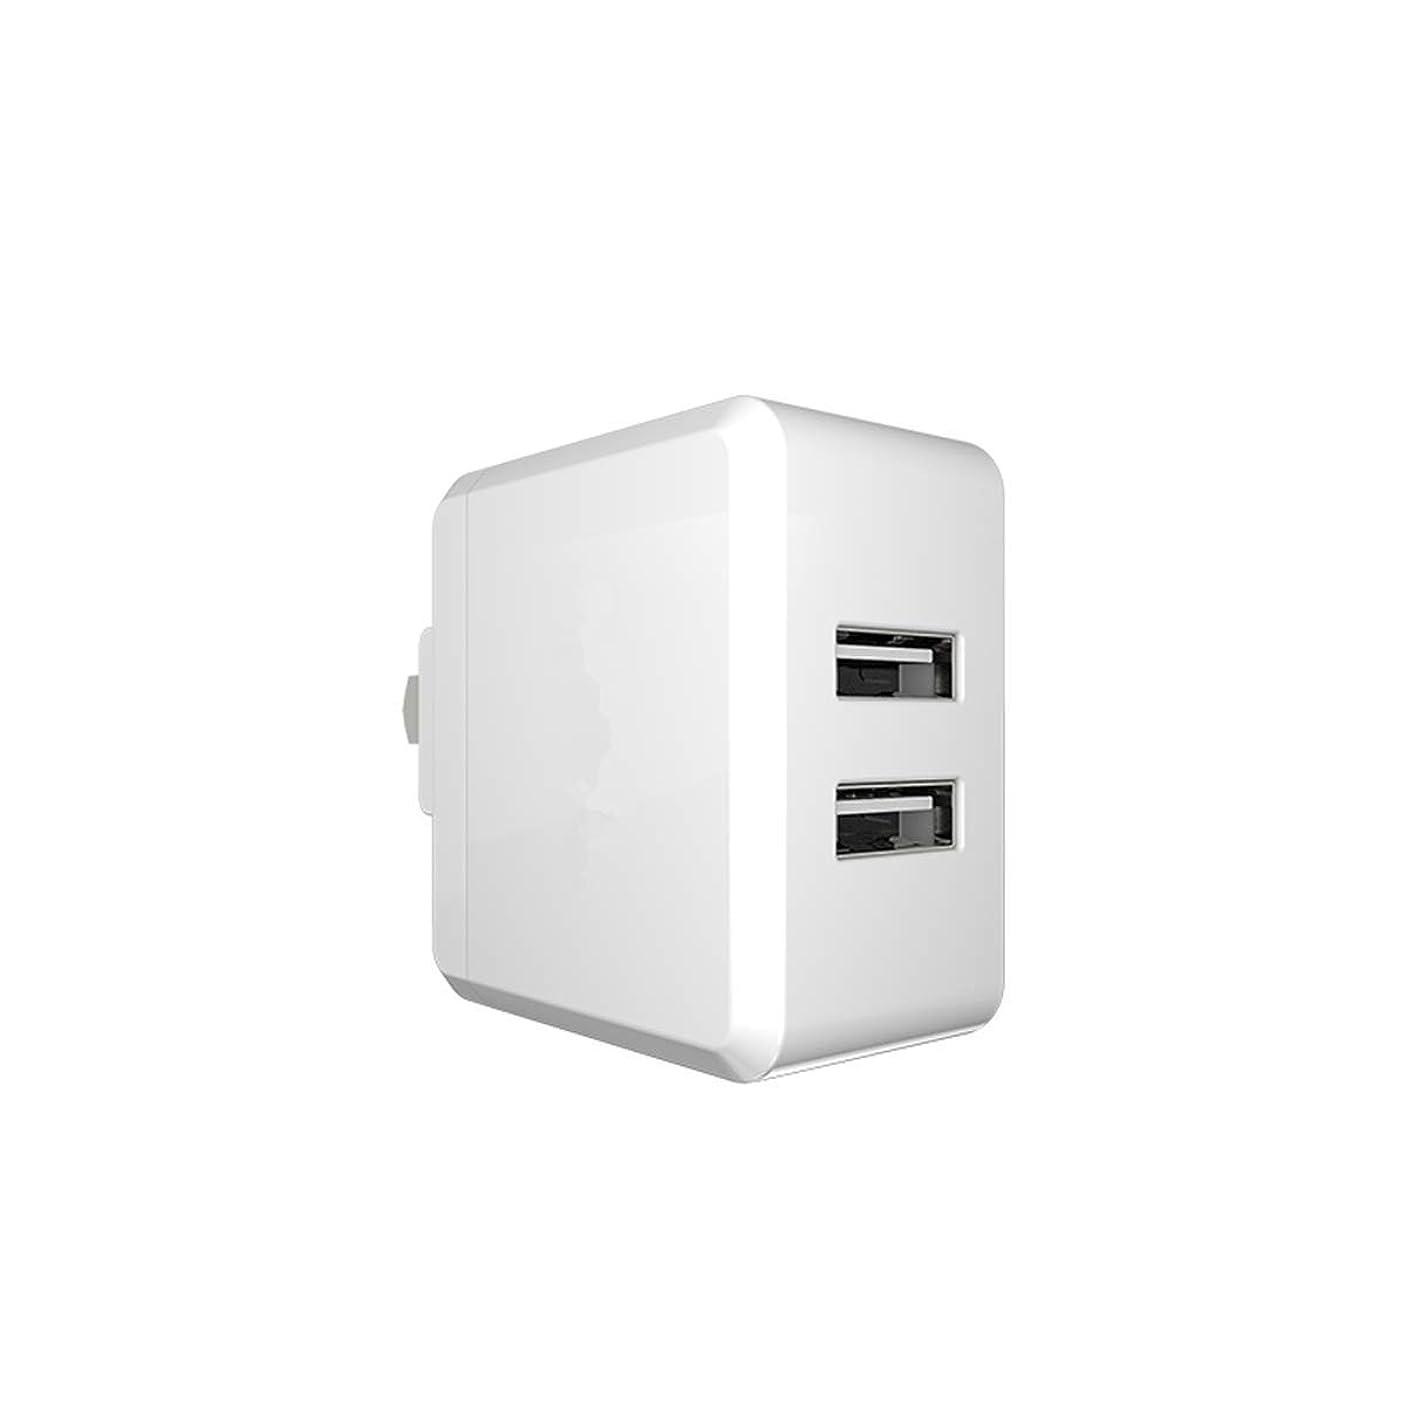 ジャーナリストカール場所FC-工場 USB充電器 ACアダプター 2ポート 最大出力5V,2.4A 24W アダプタ 【超コンパクトサイズ/急速/折畳式プラグ】 持ち運び便利、旅行用 iPhone/iPad/Android 等のUSB機器対応